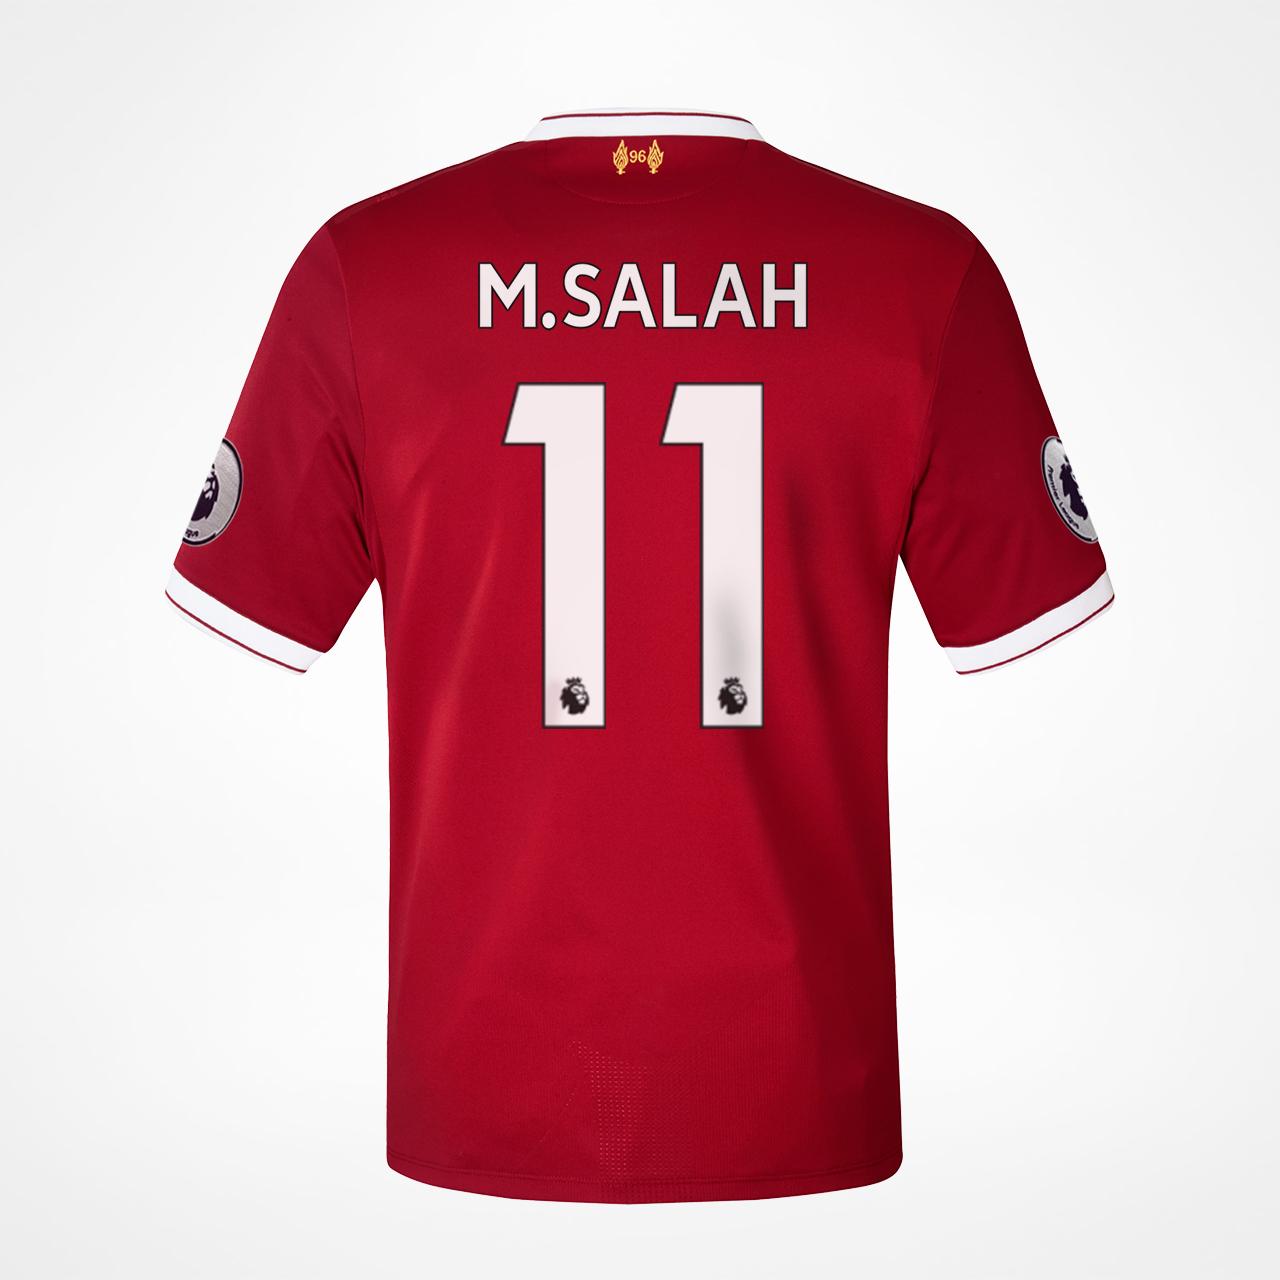 Outlet New Jersey >> Liverpool Hjemmedrakt - M.Salah 11 hos KopShop.no